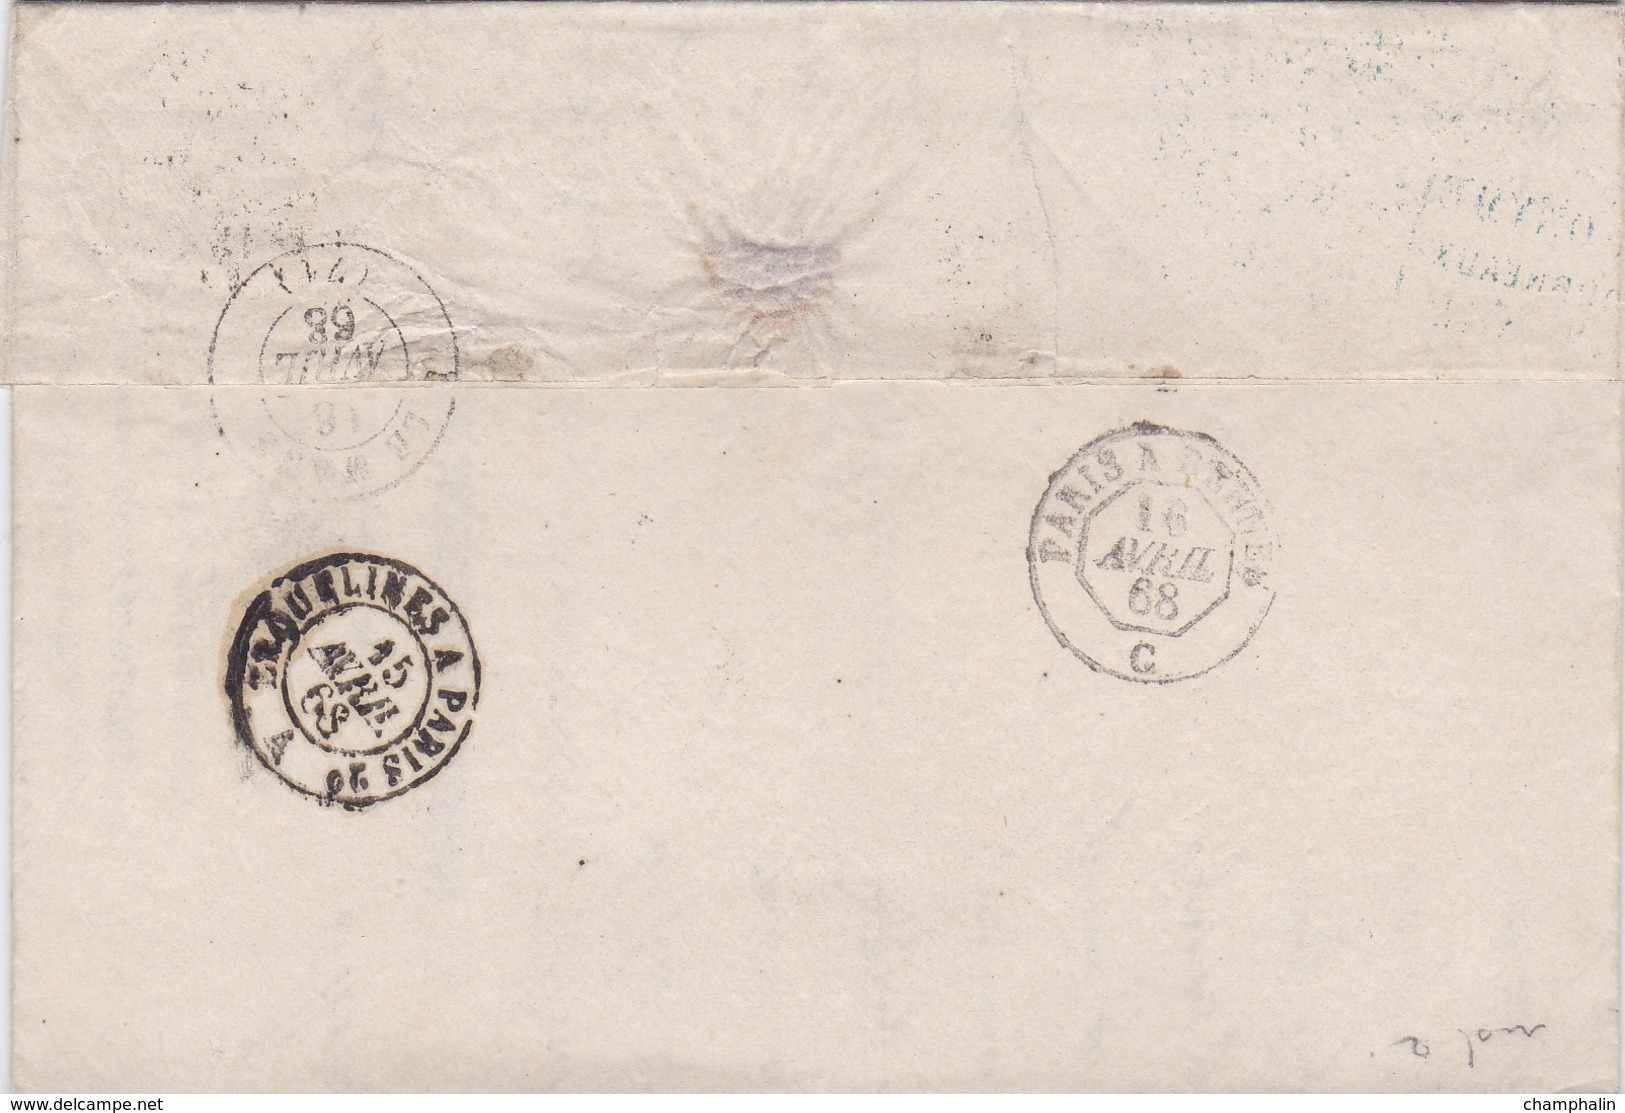 LAC De Maubeuge (59) Pour Le Mans (72) - 15 Avril 1868 - Timbre YT29 + Ob. Losange GC 2272 - CAD Rond Type 15 + Ambulant - 1849-1876: Periodo Classico